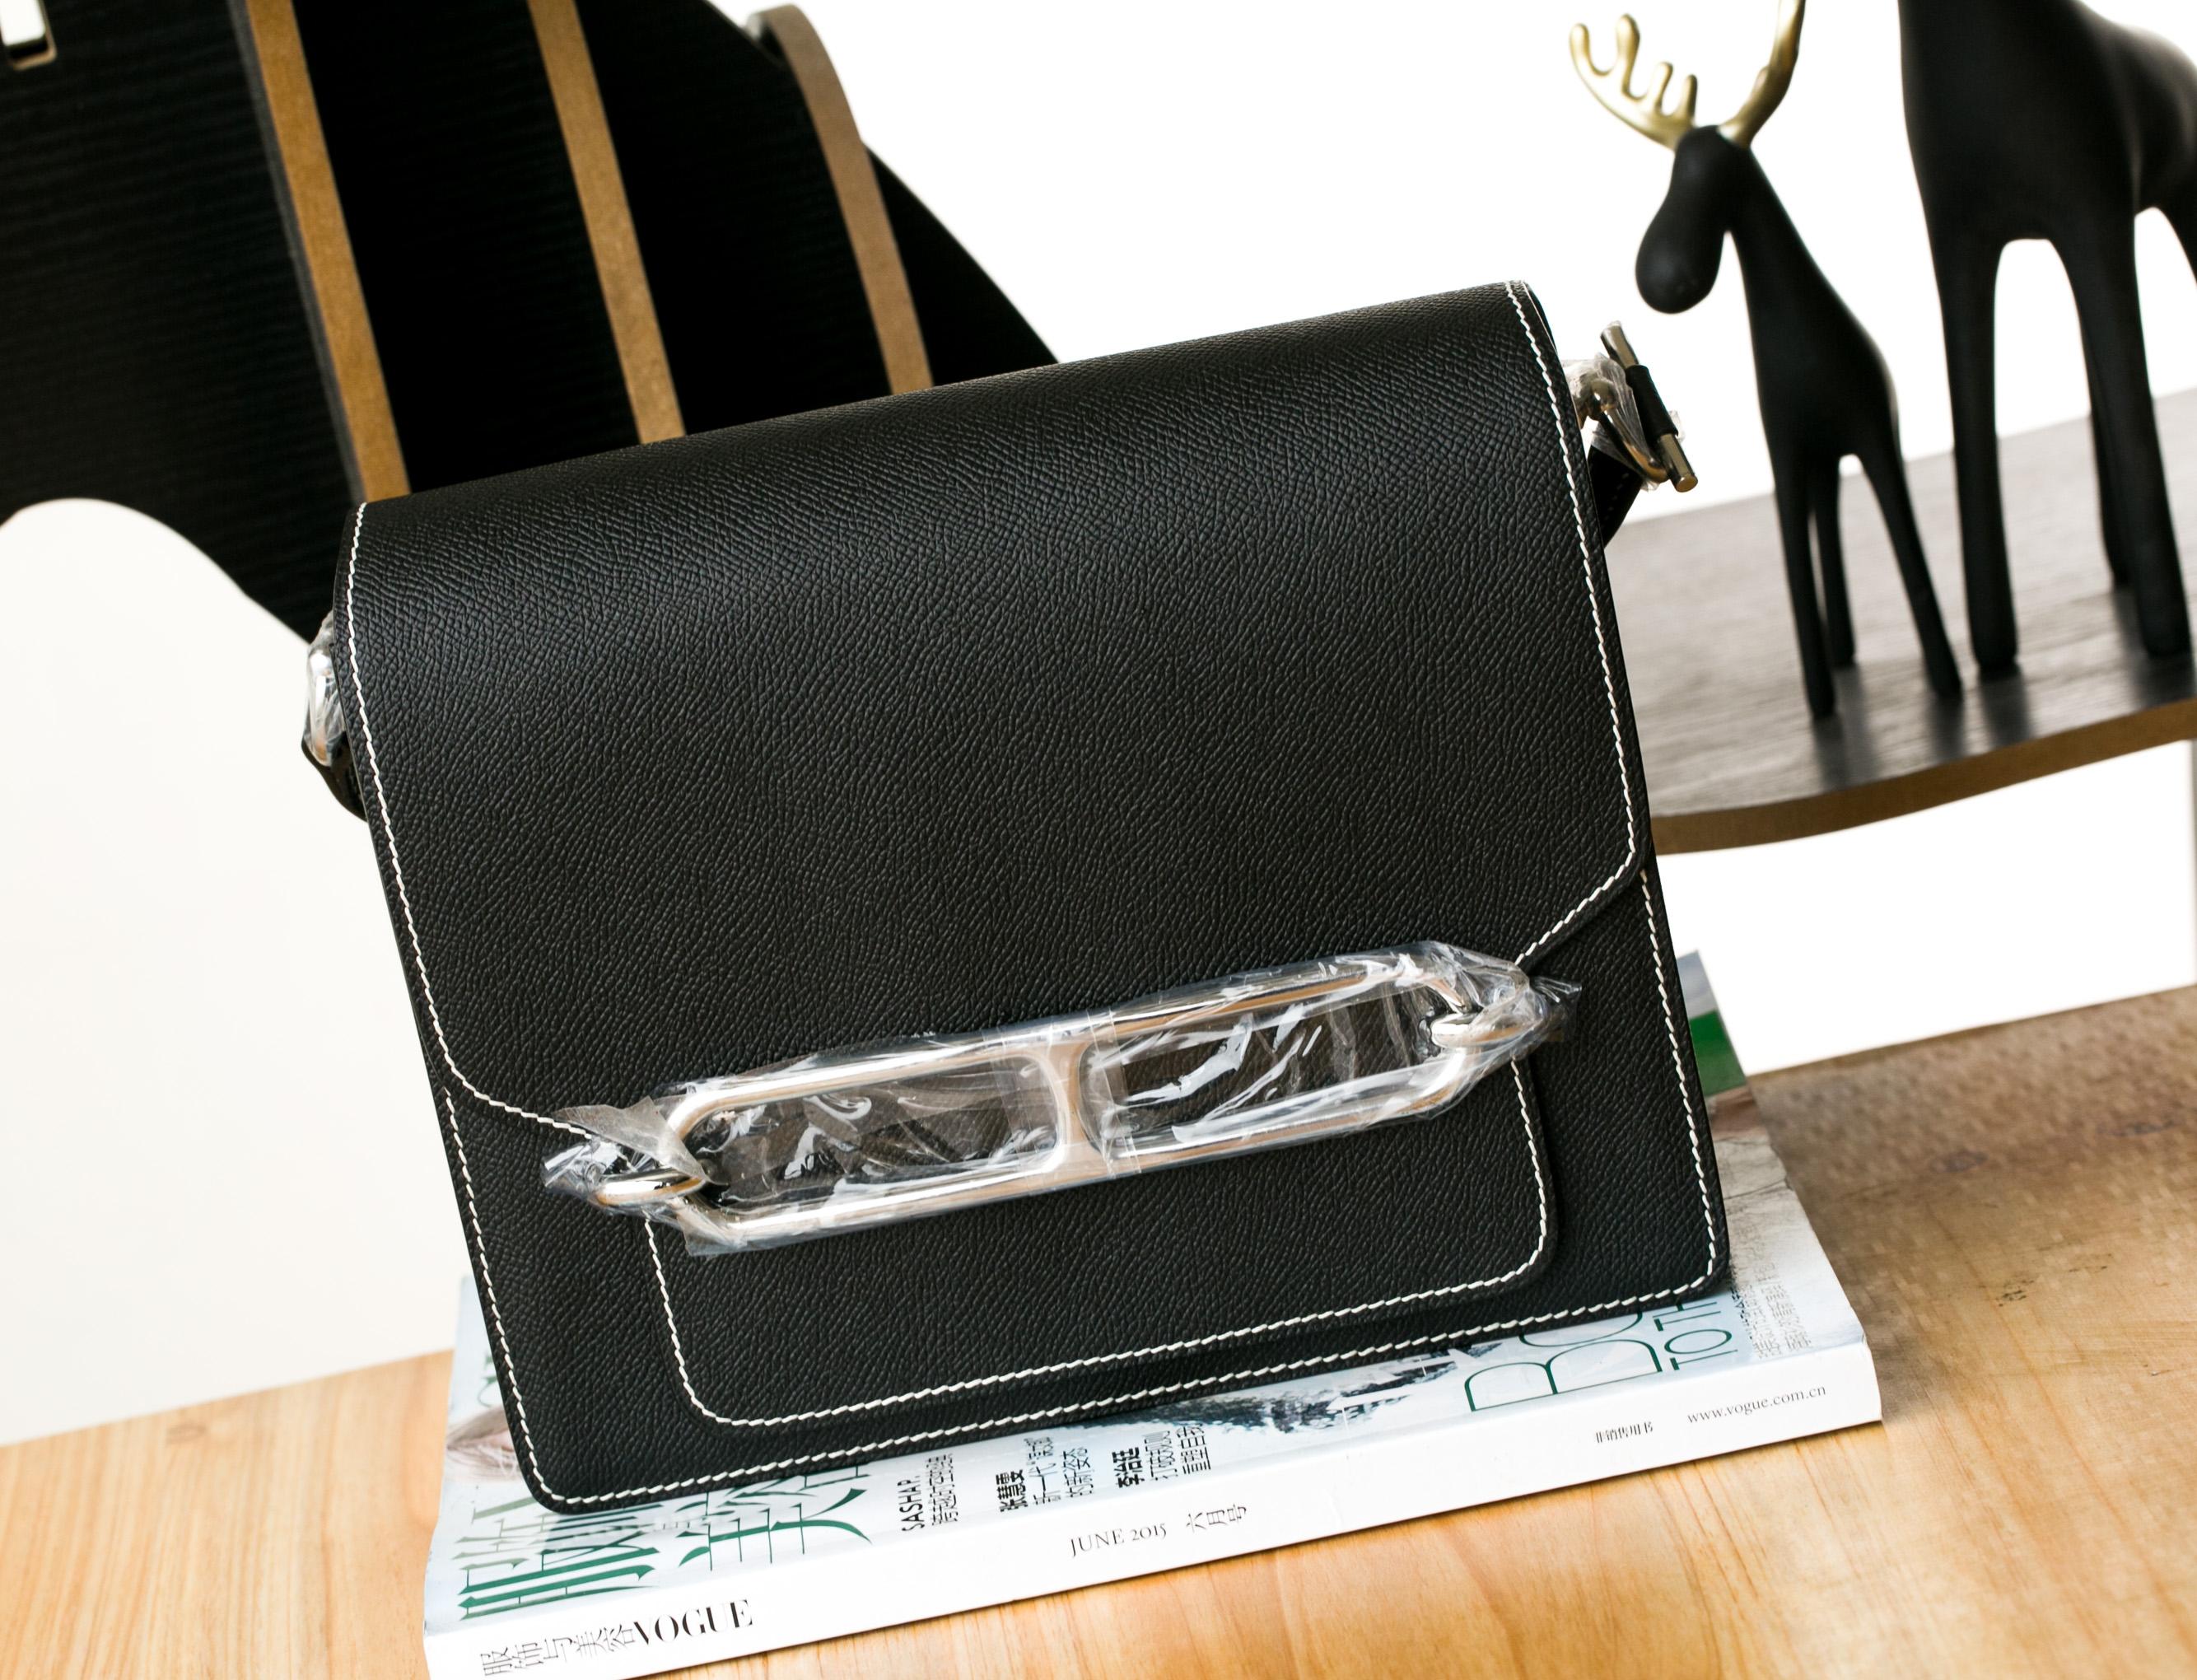 爱马仕新款女包 Hermes Roulis 23cm 黑色原厂epsom牛皮 银扣